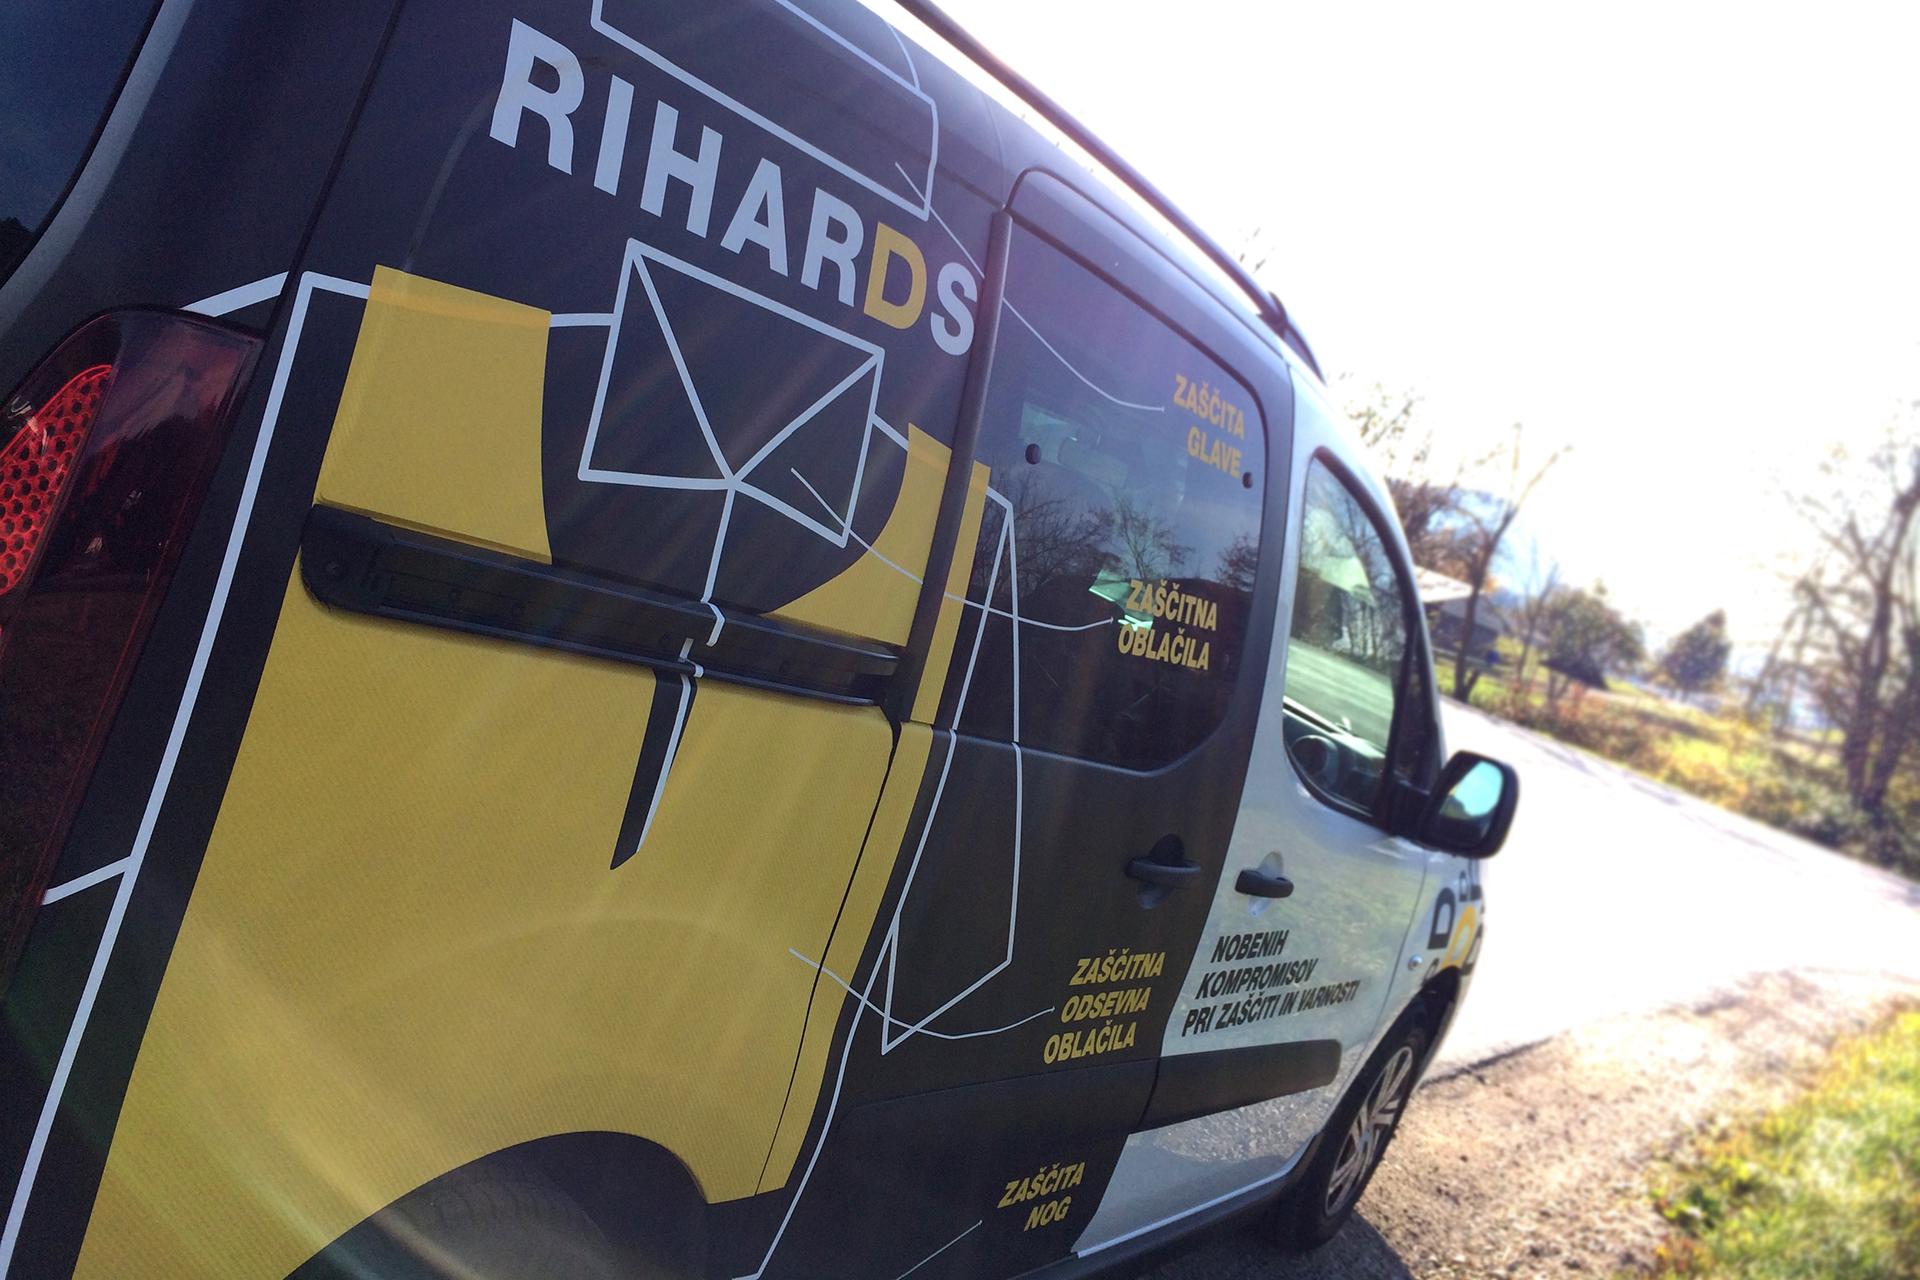 rihards_avto_100009